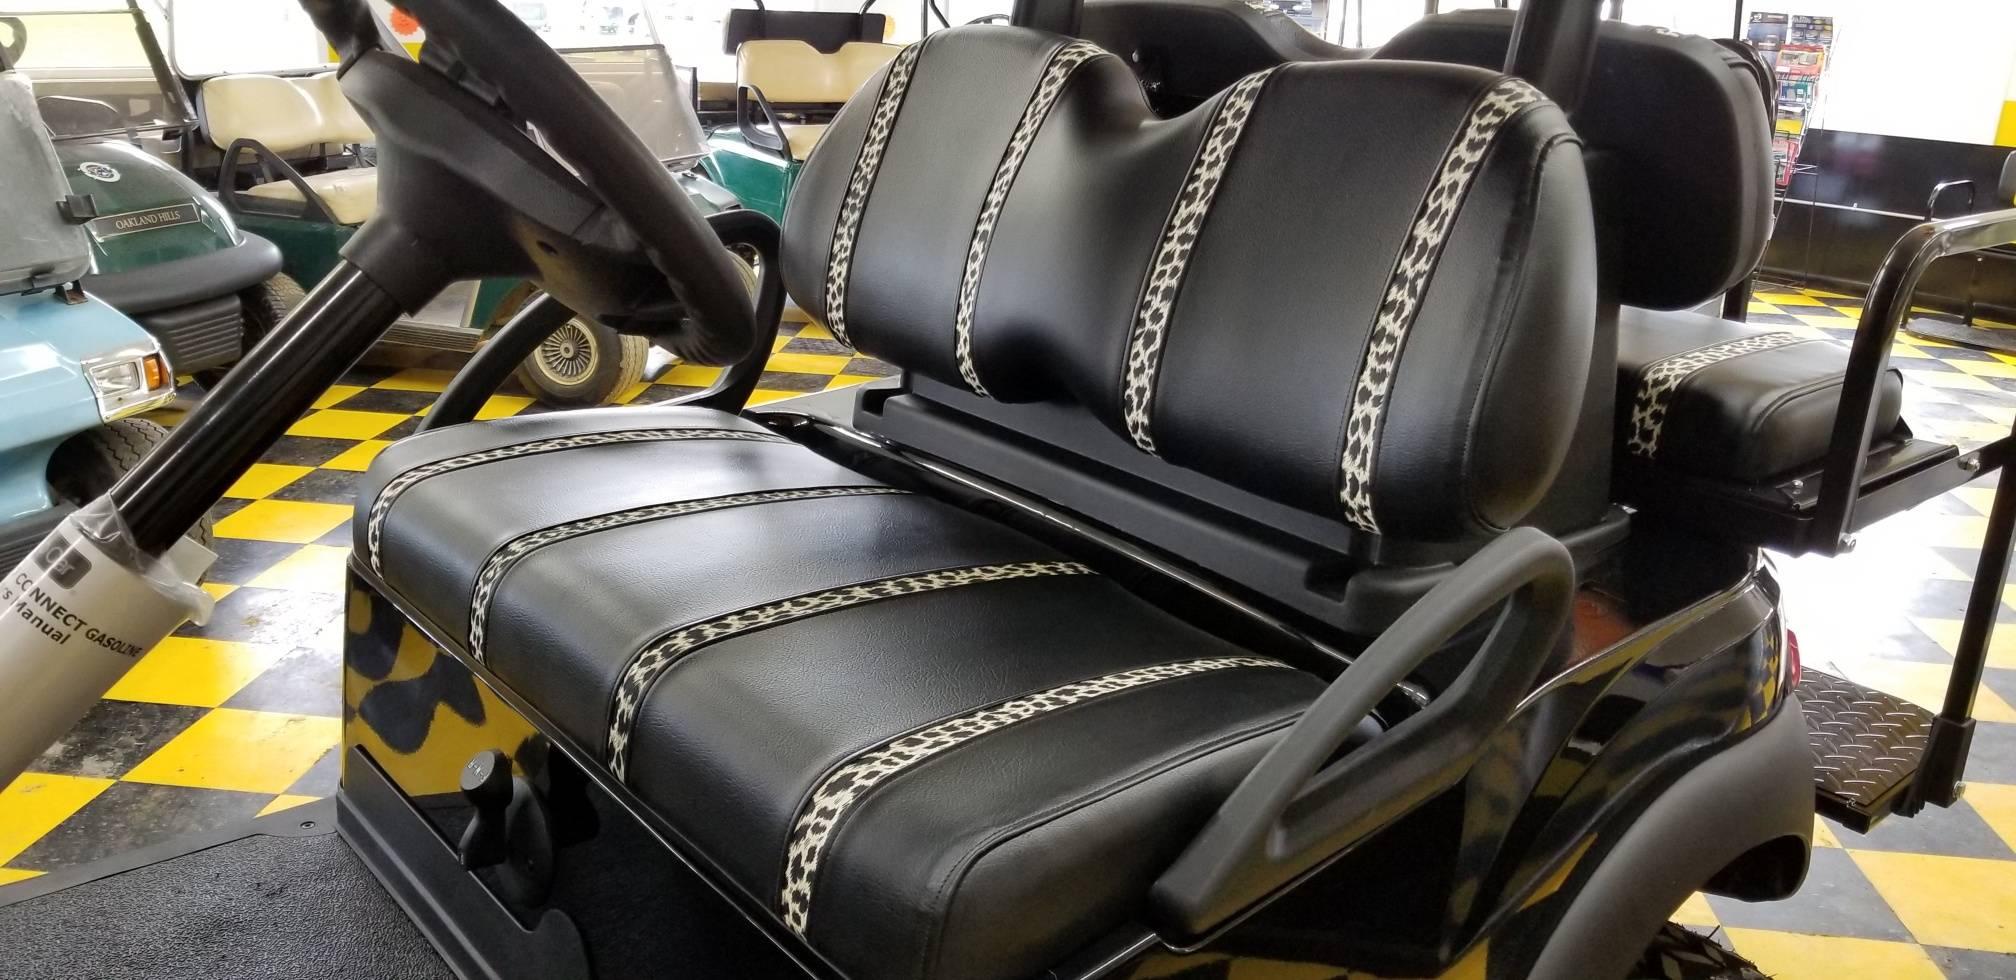 Leopard print seats